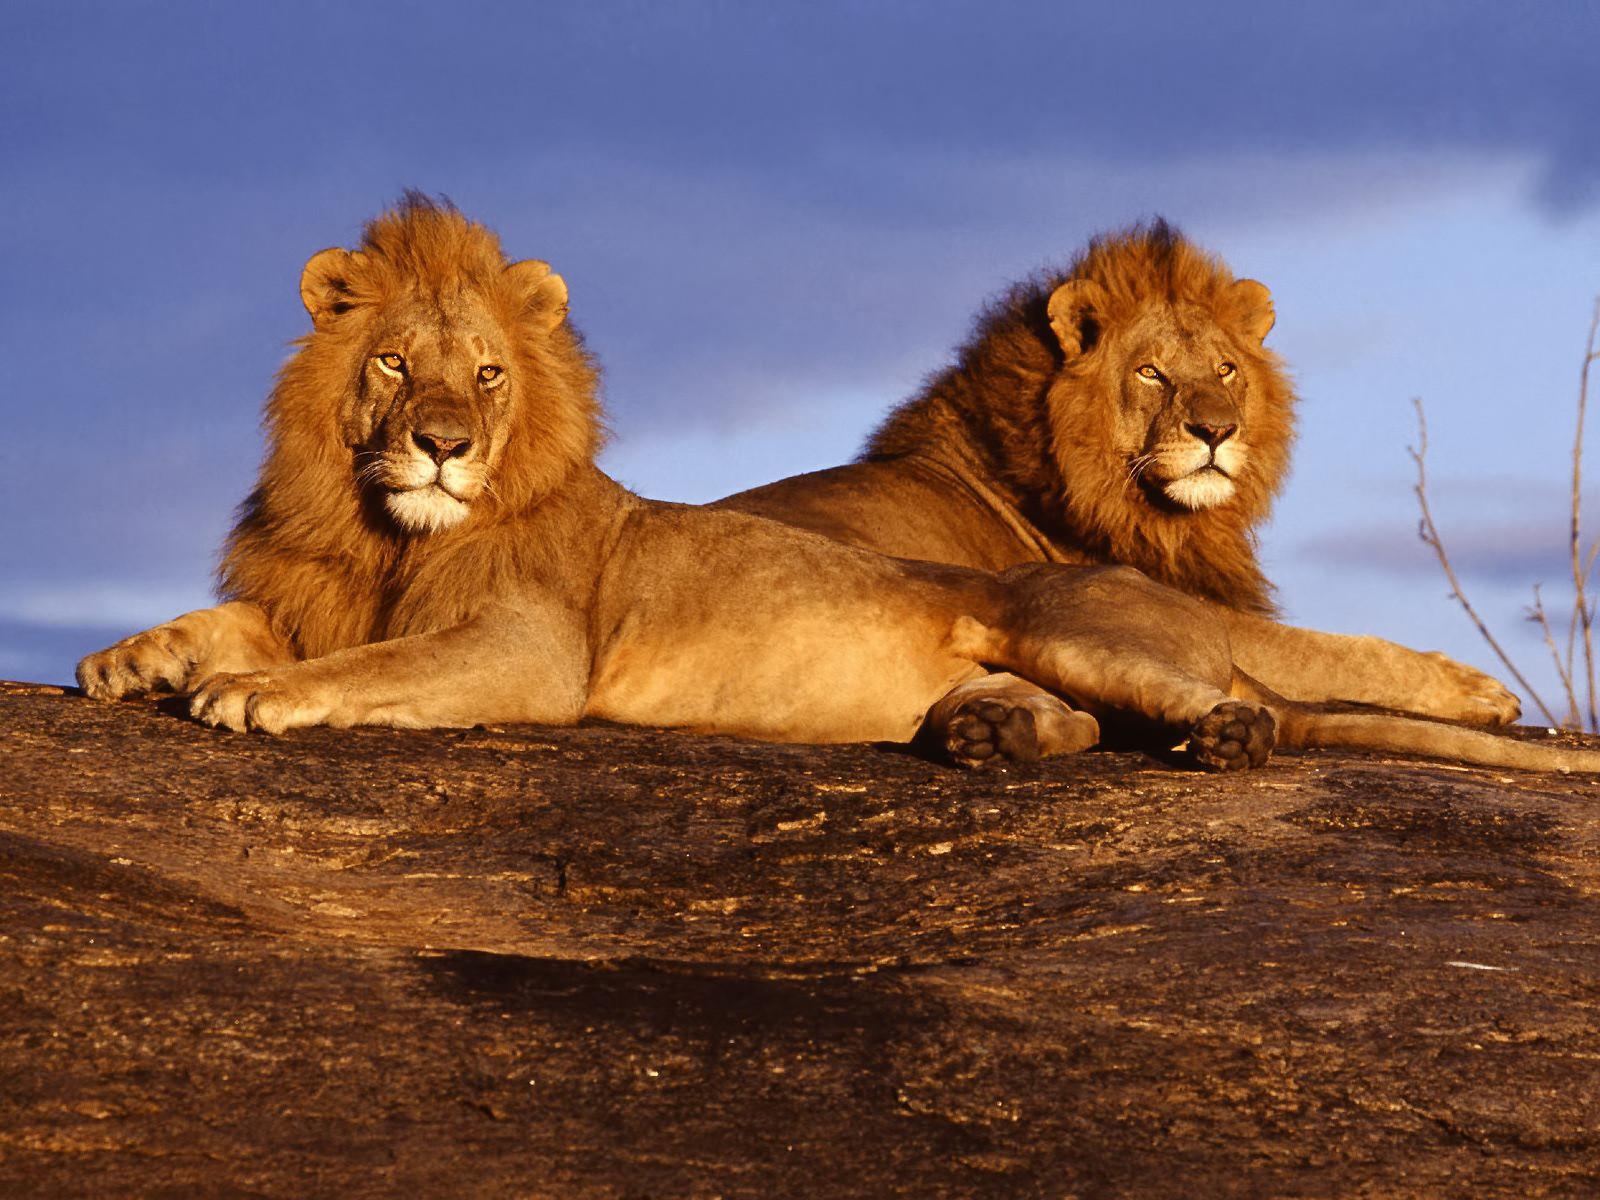 2 льва лежат, скачать фото, обои для рабочего стола, львы, фото львов, бесплатно